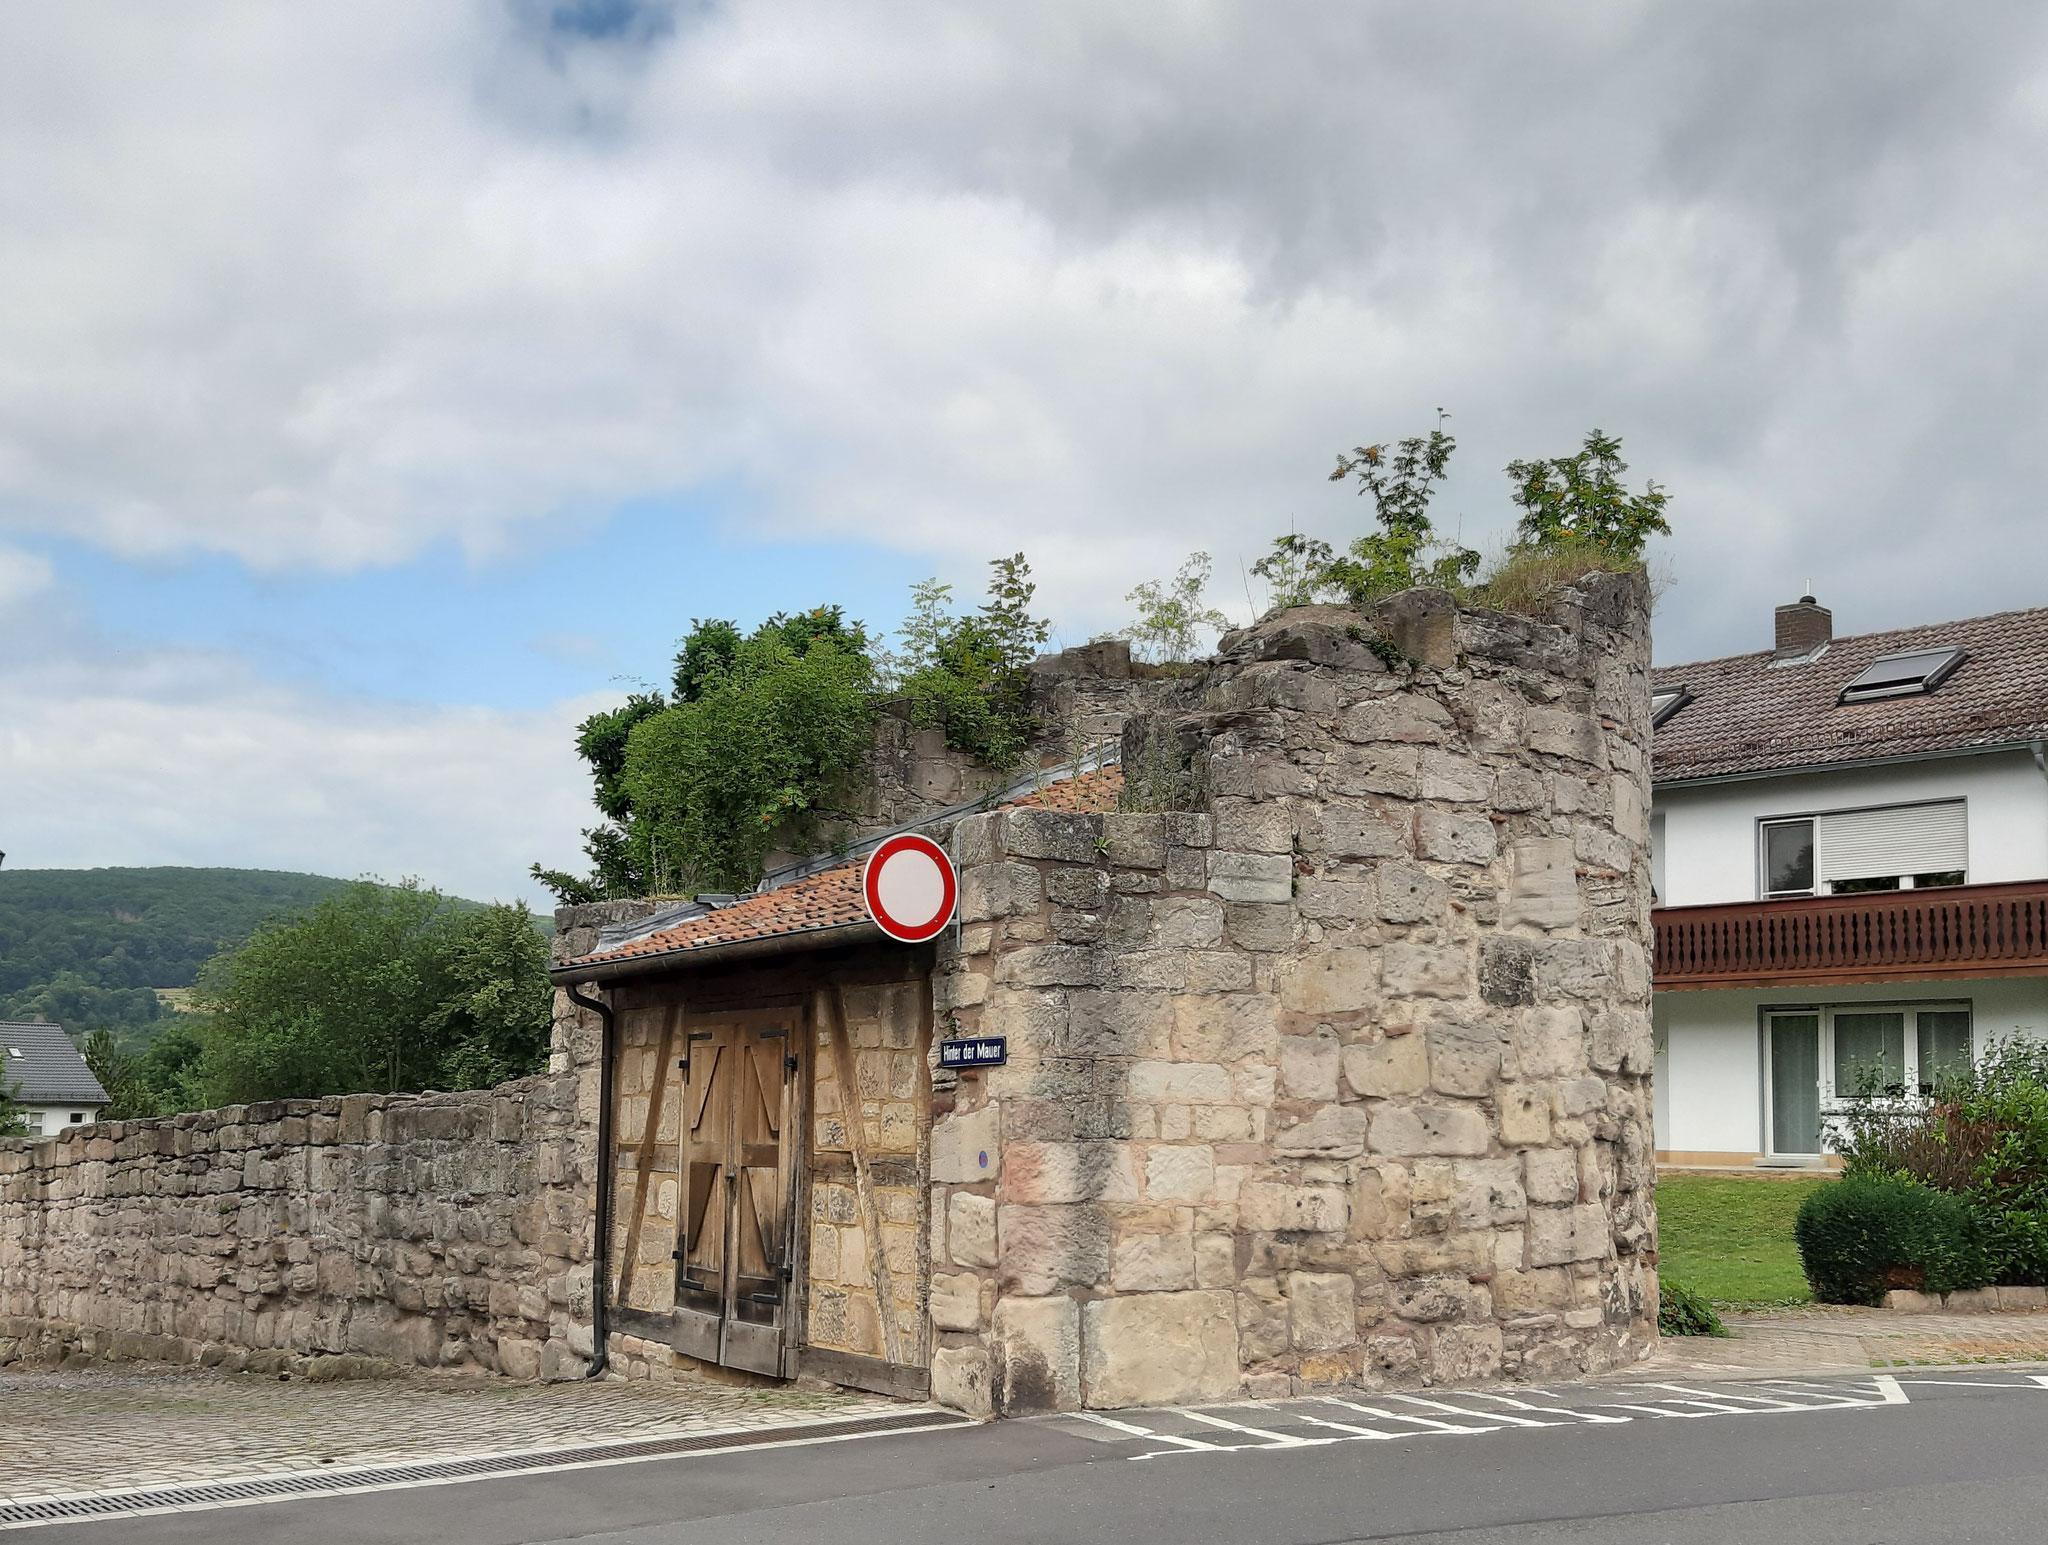 Teil der alten Stadtmauer, Bad Sooden-Allendorf